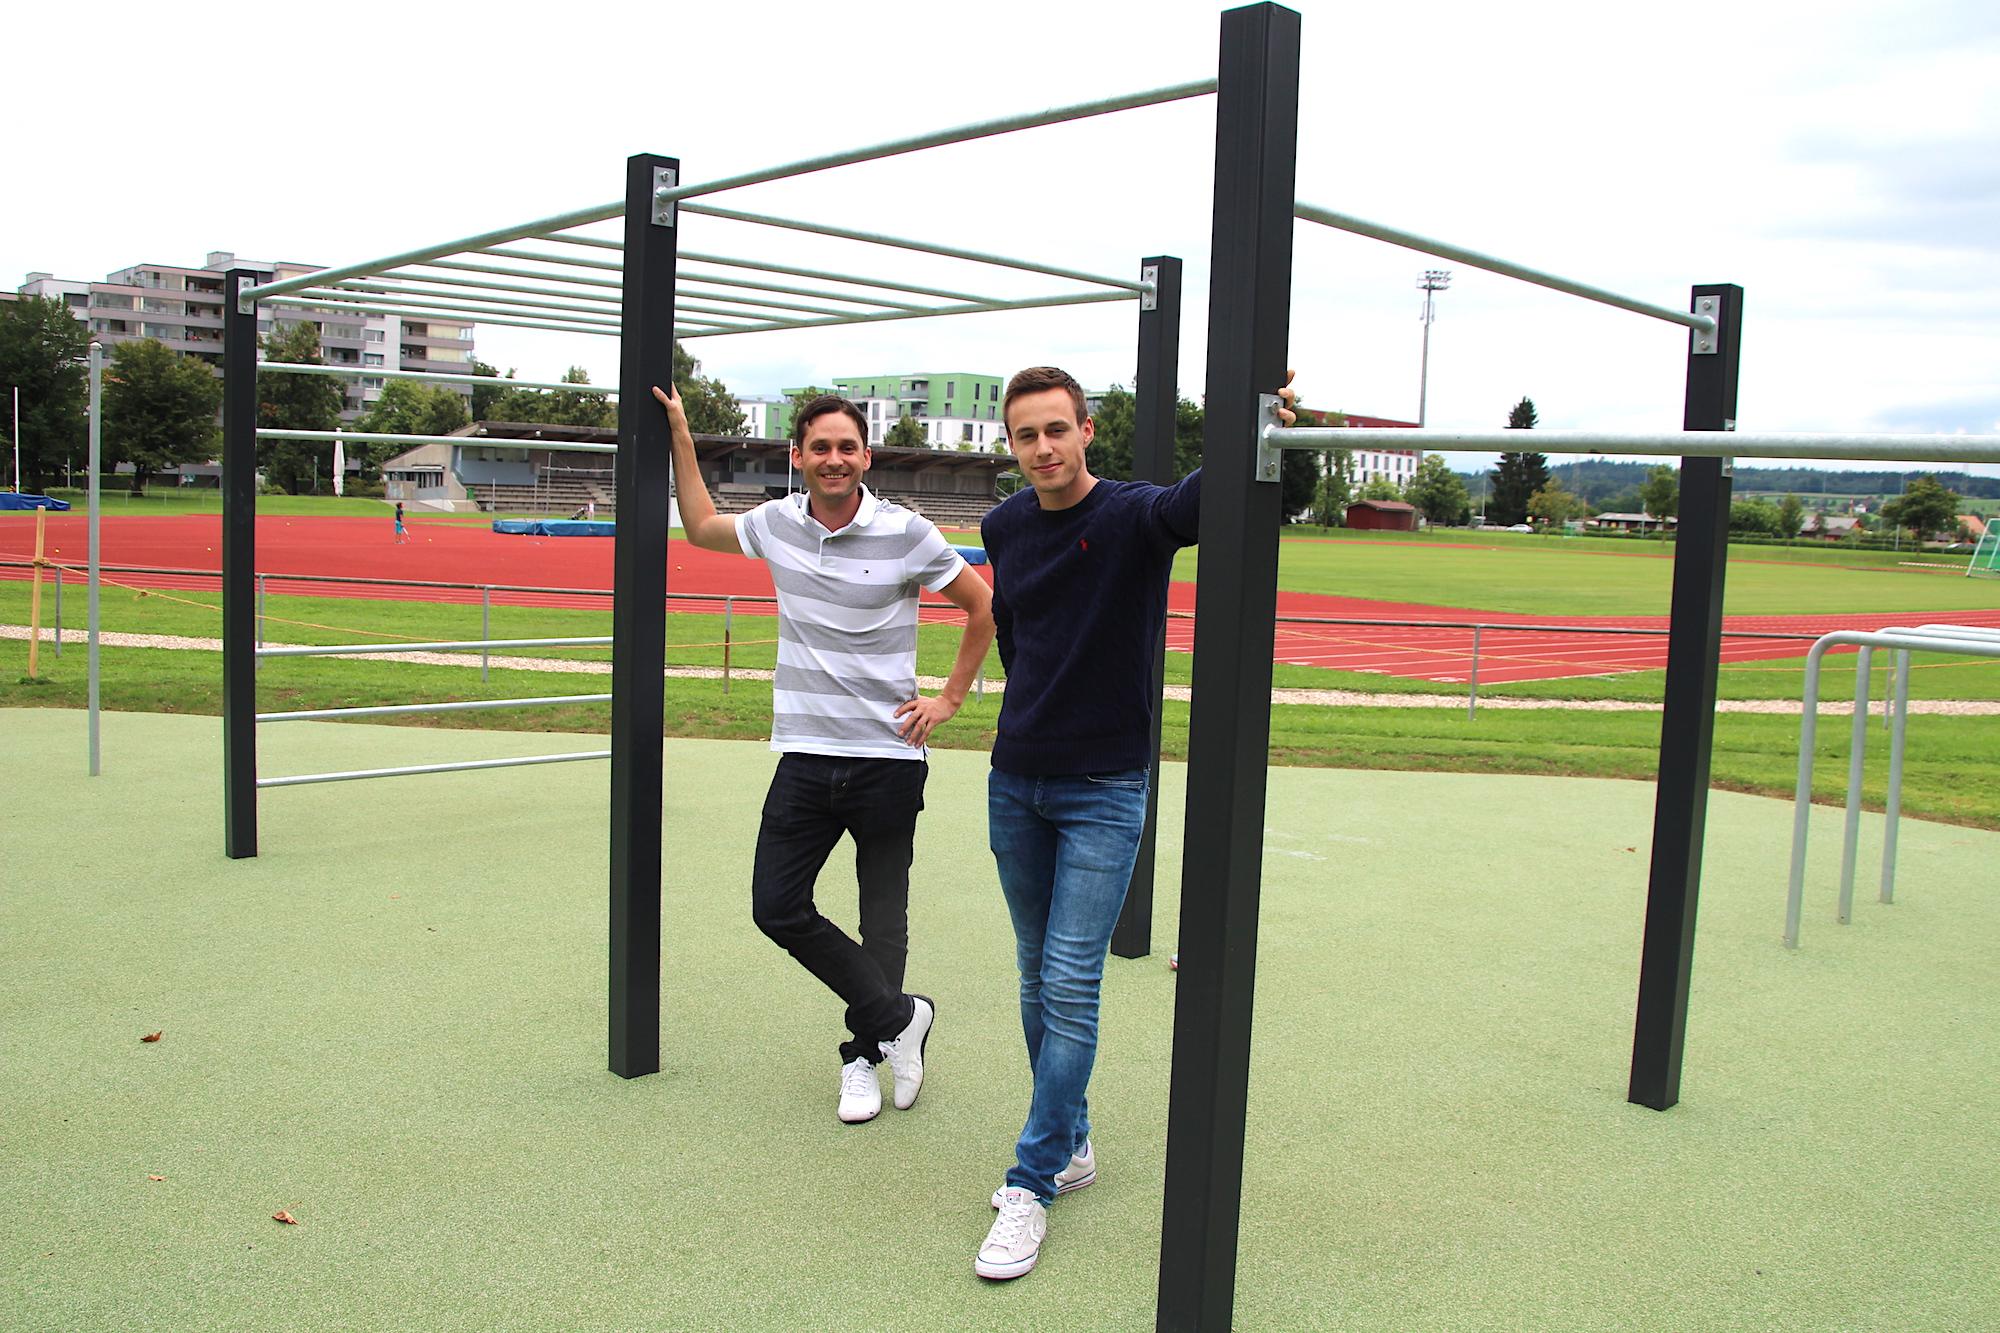 Thomas Felber von der Stadt Zug und Matija Horvat (rechts): Wegen eines Unfalls kann der 21-Jährige derzeit leider nicht trainieren.